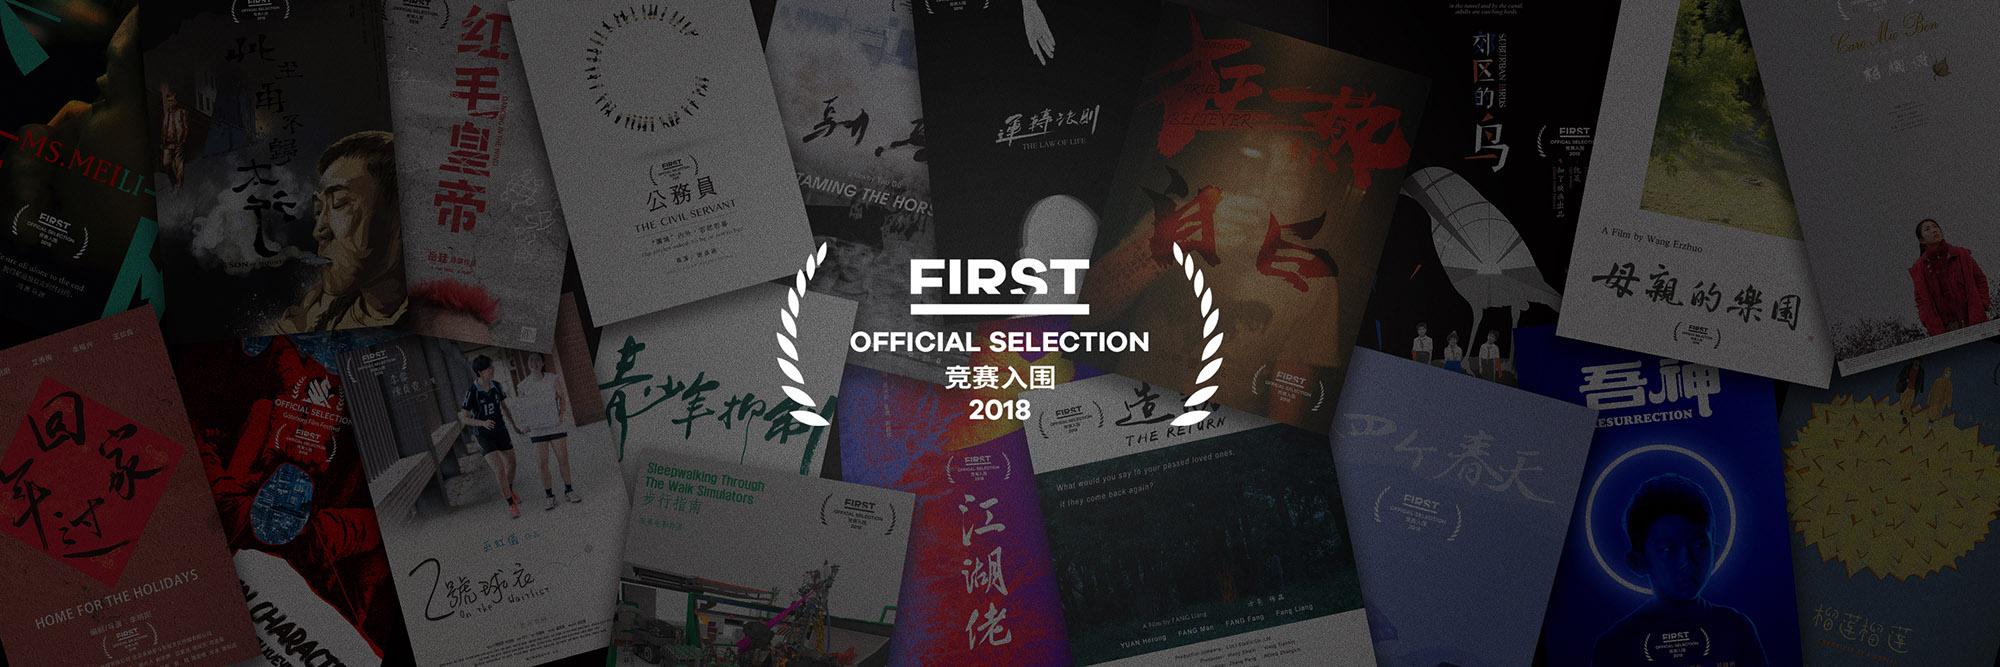 cn.org.firstfilm.domain.support.MultiLanguageValue@7f5b4953